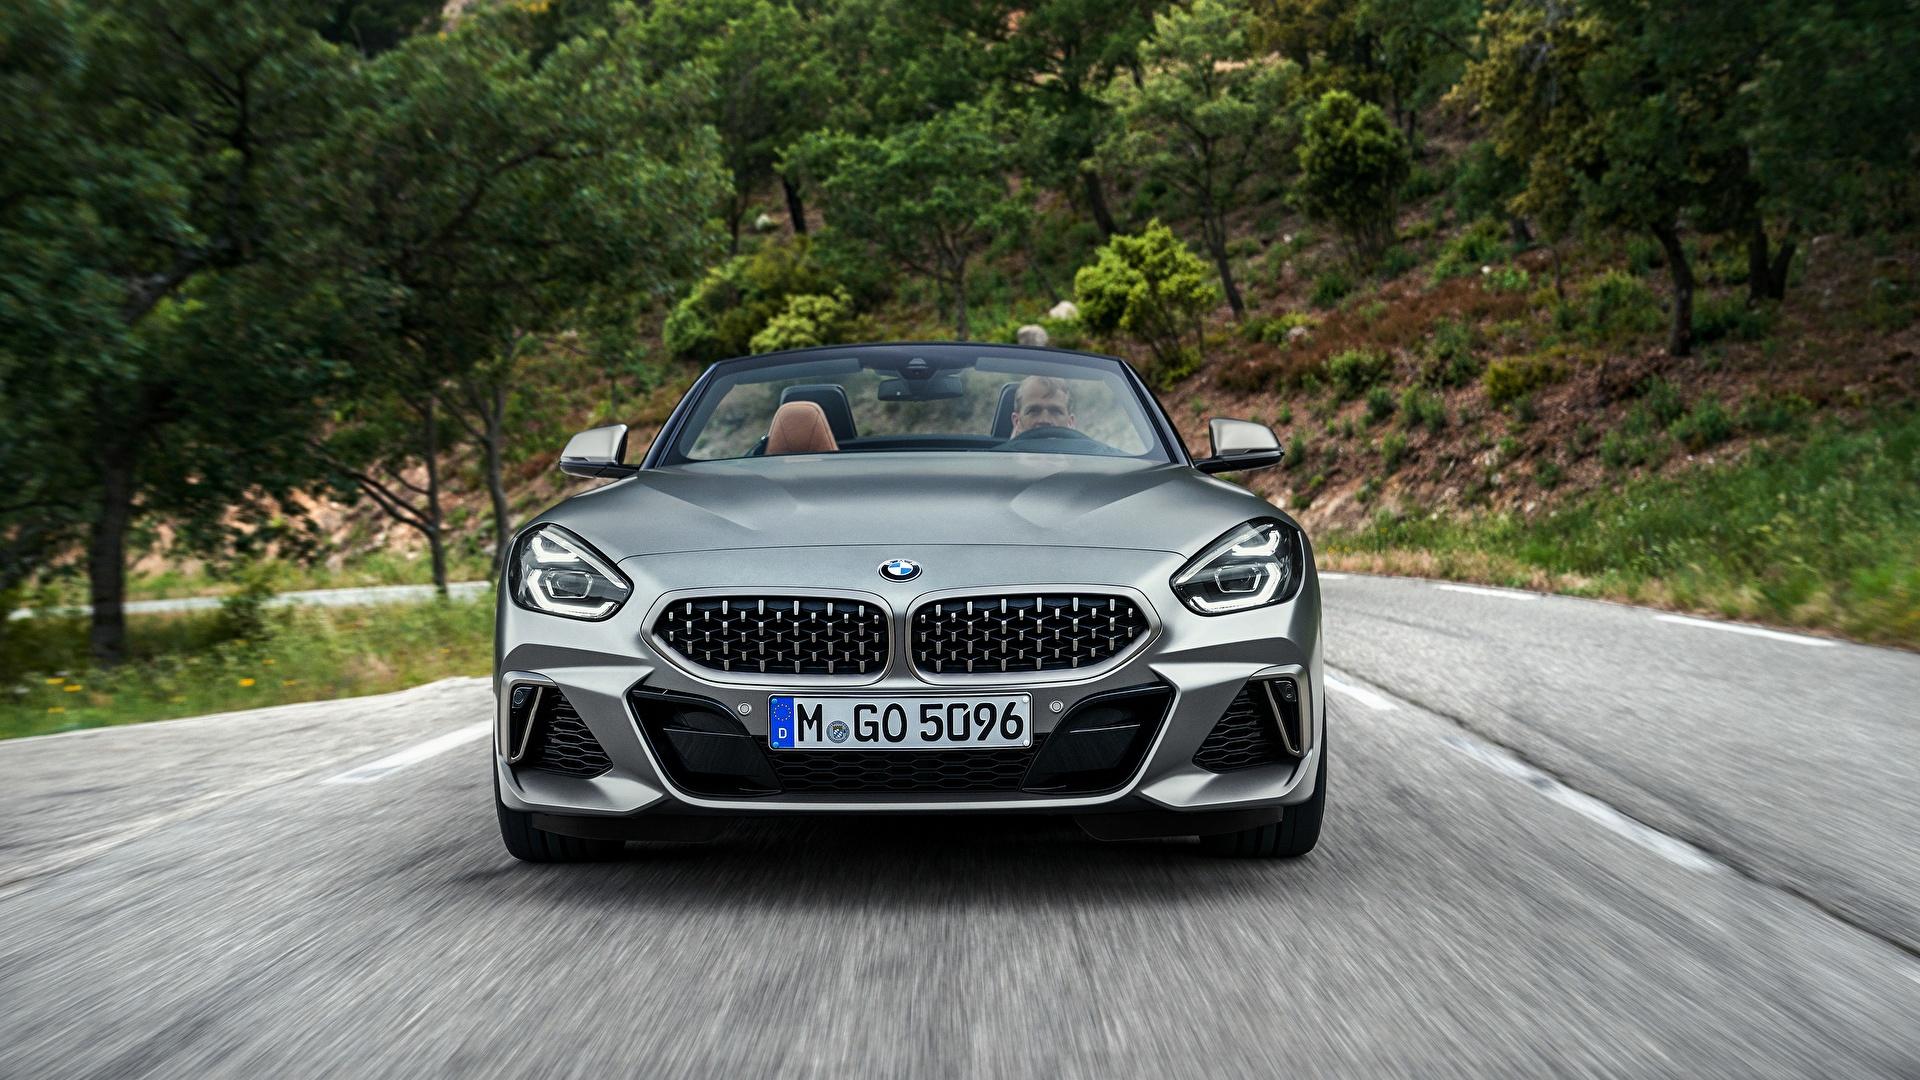 Фото BMW Z4 M40i 2019 G29 Родстер Движение Спереди Автомобили 1920x1080 БМВ едет едущий едущая скорость авто машина машины автомобиль